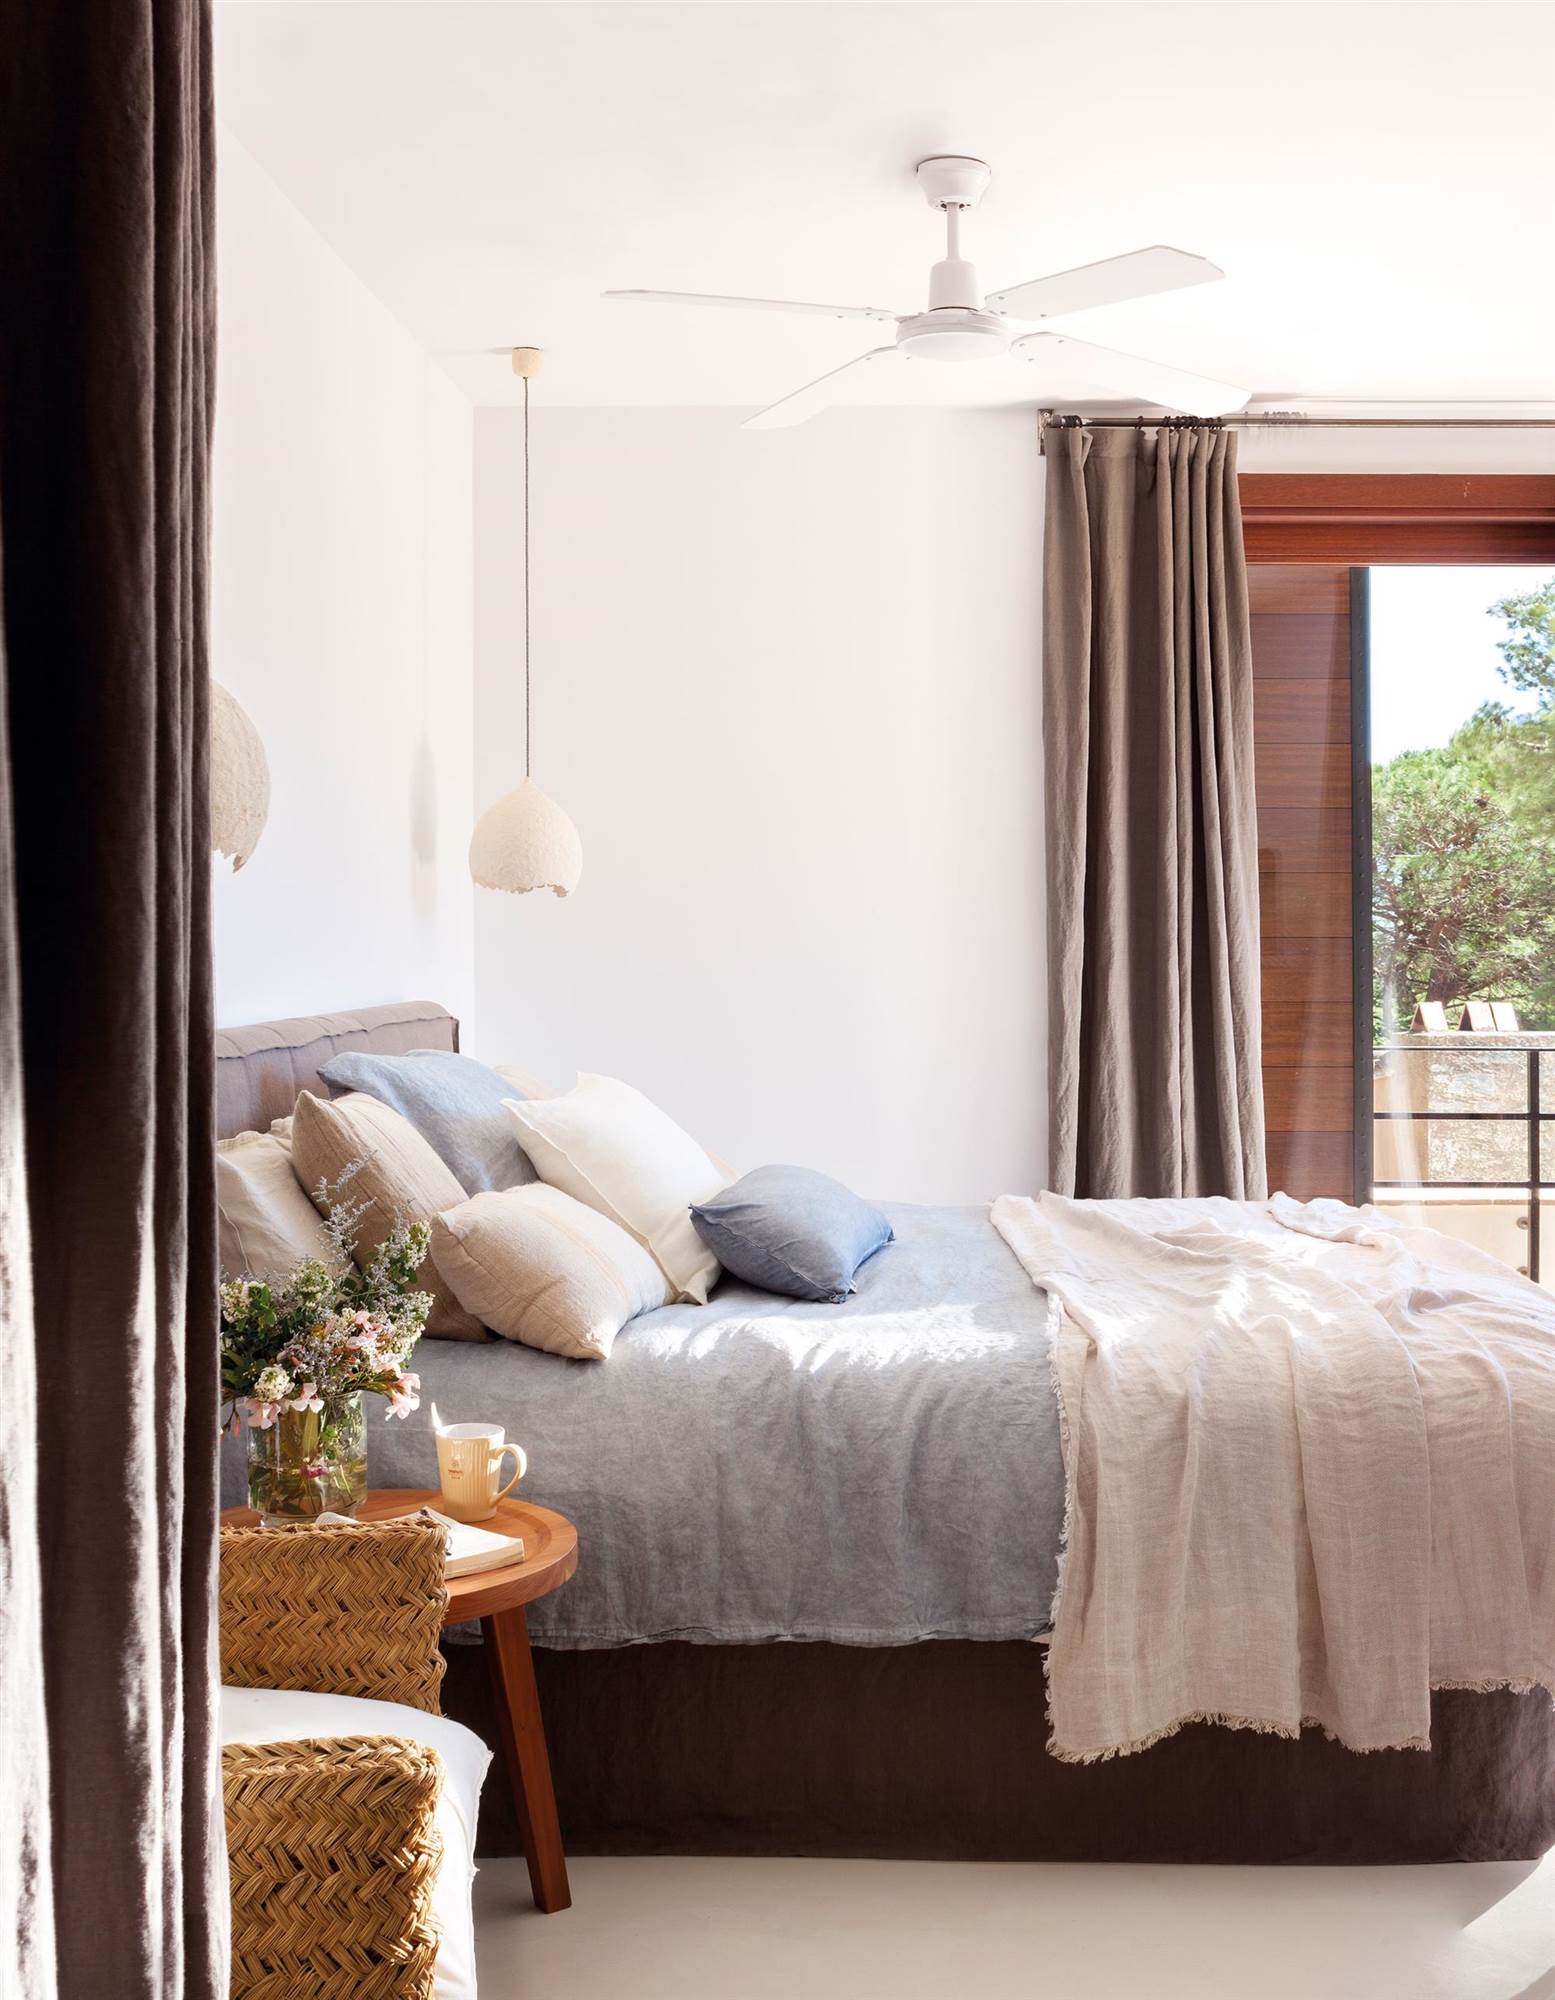 Decora tu dormitorio para dormir mejor - Decora tu dormitorio ...